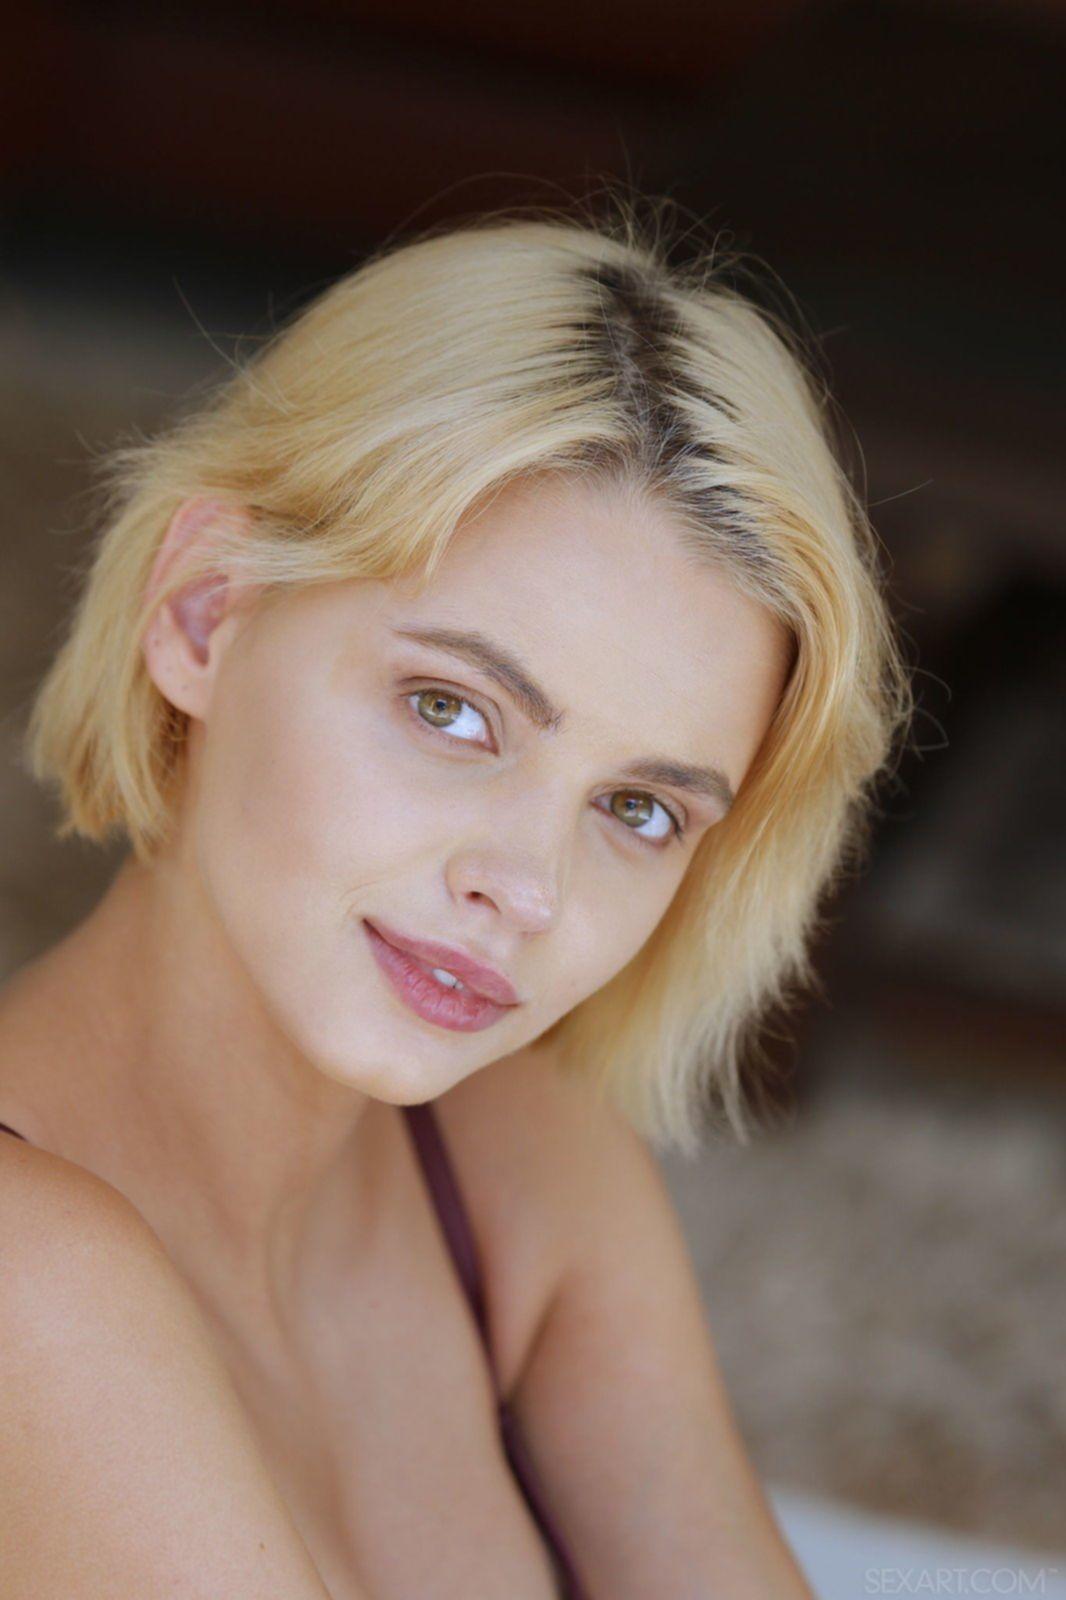 Блондинка в купальнике показала маленькие сиськи - фото